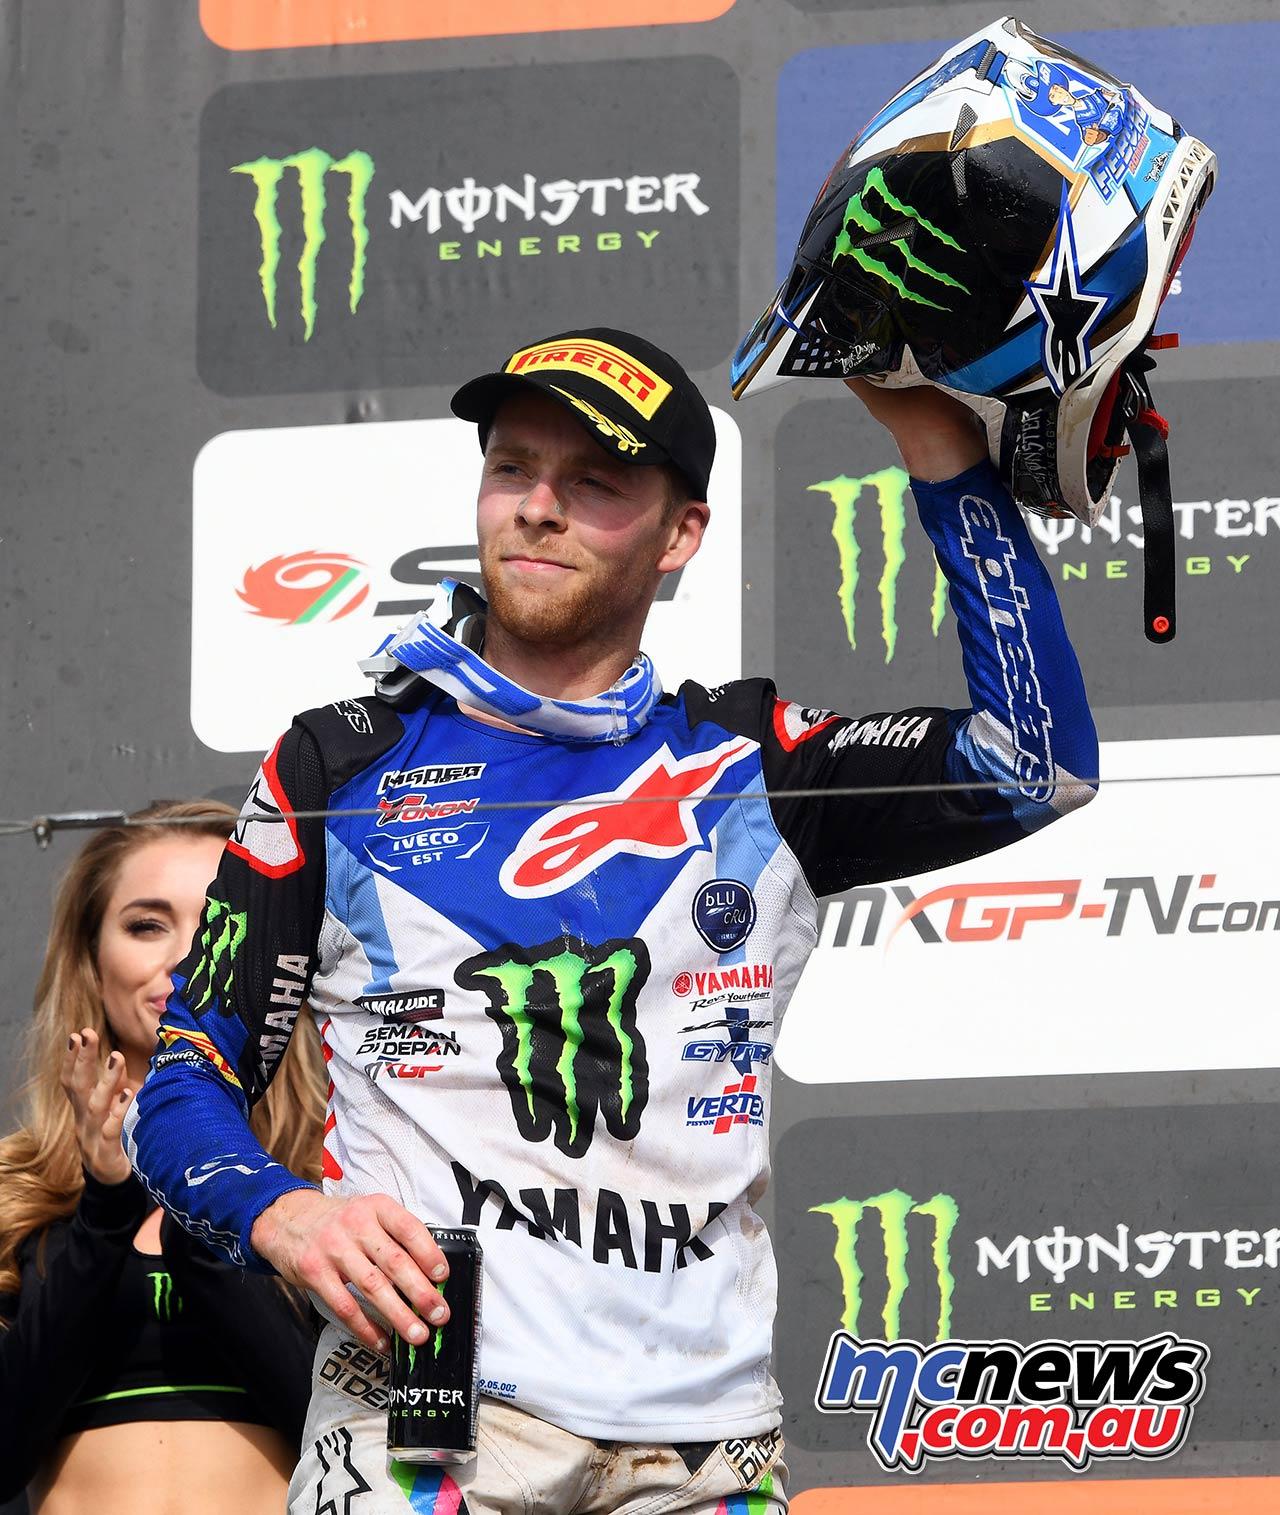 MXGP Rnd Belgium Pirelli MX Febvre podium